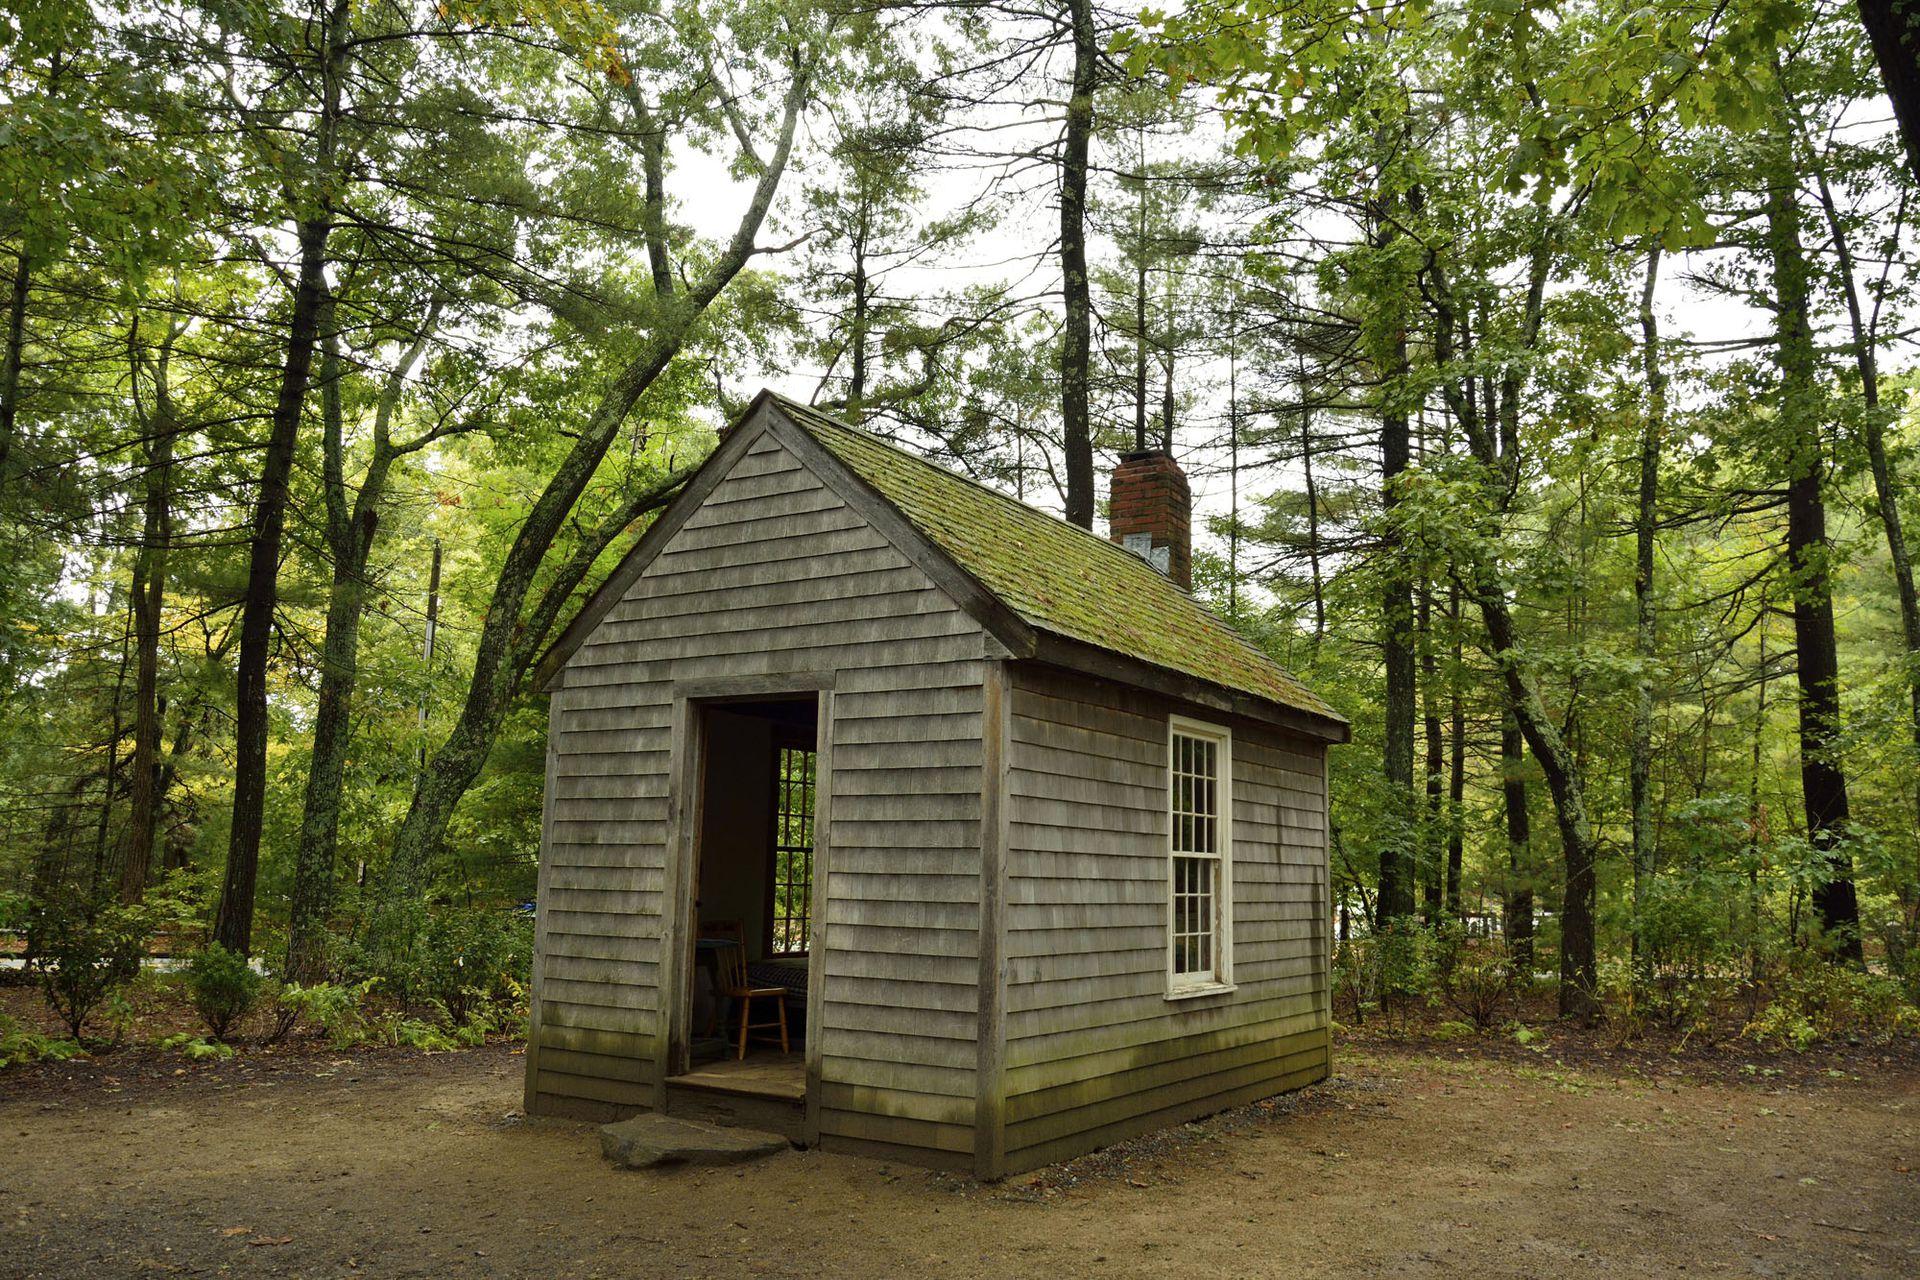 La cabaña de Concord en la que Thoreau vivió, en 1845, su retiro en el bosque